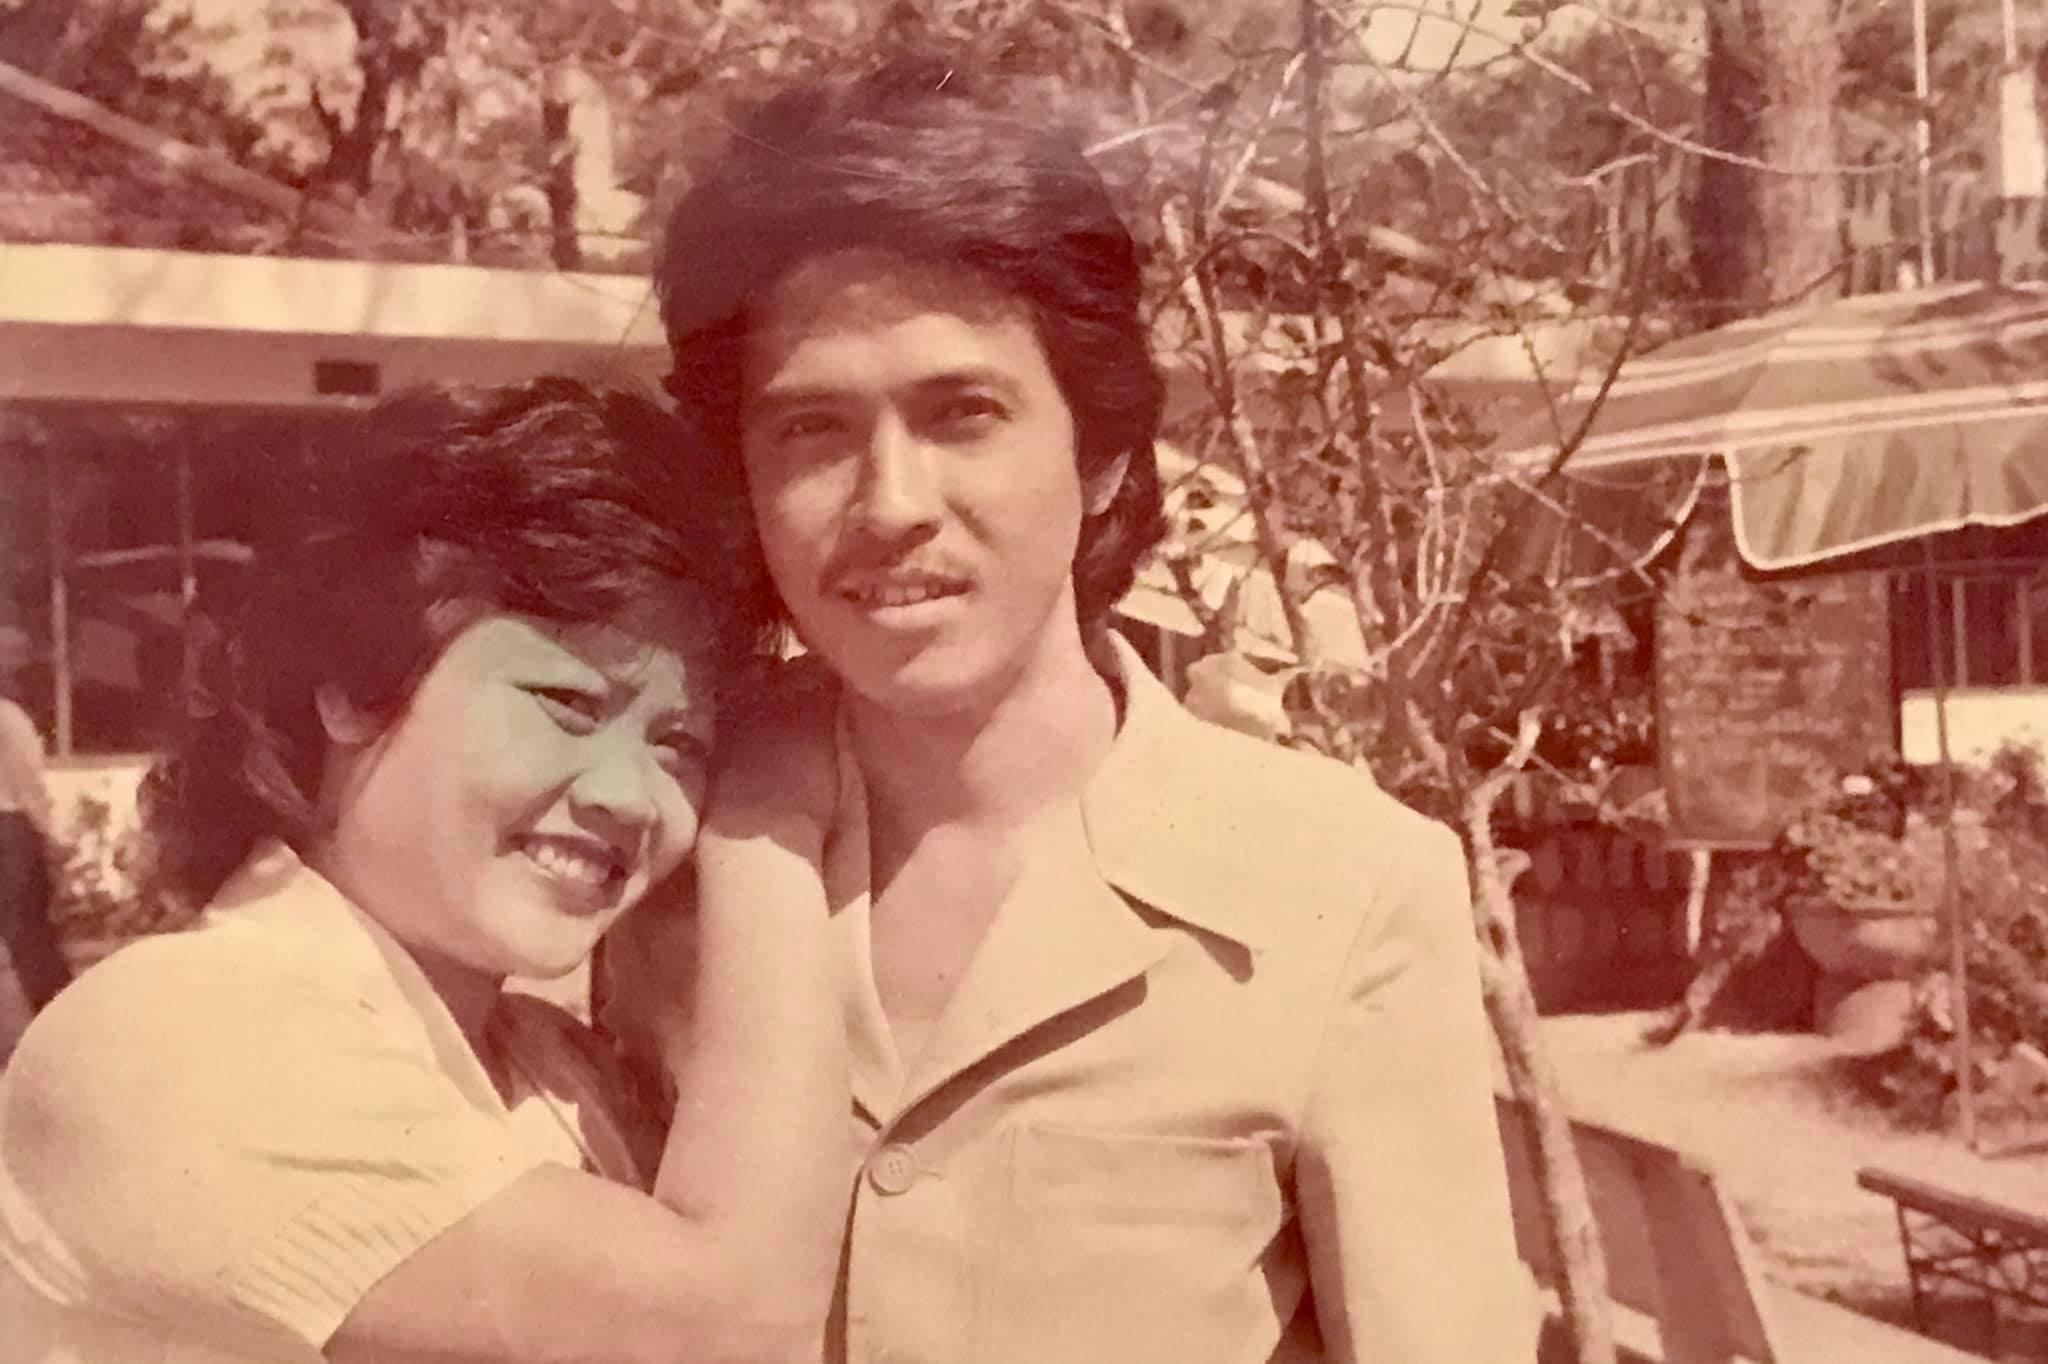 Những bức ảnh hiếm hoi của gia đình diễn viên Thanh Duy chụp năm 1983 vẫn được lưu giữ đến hiện tại.